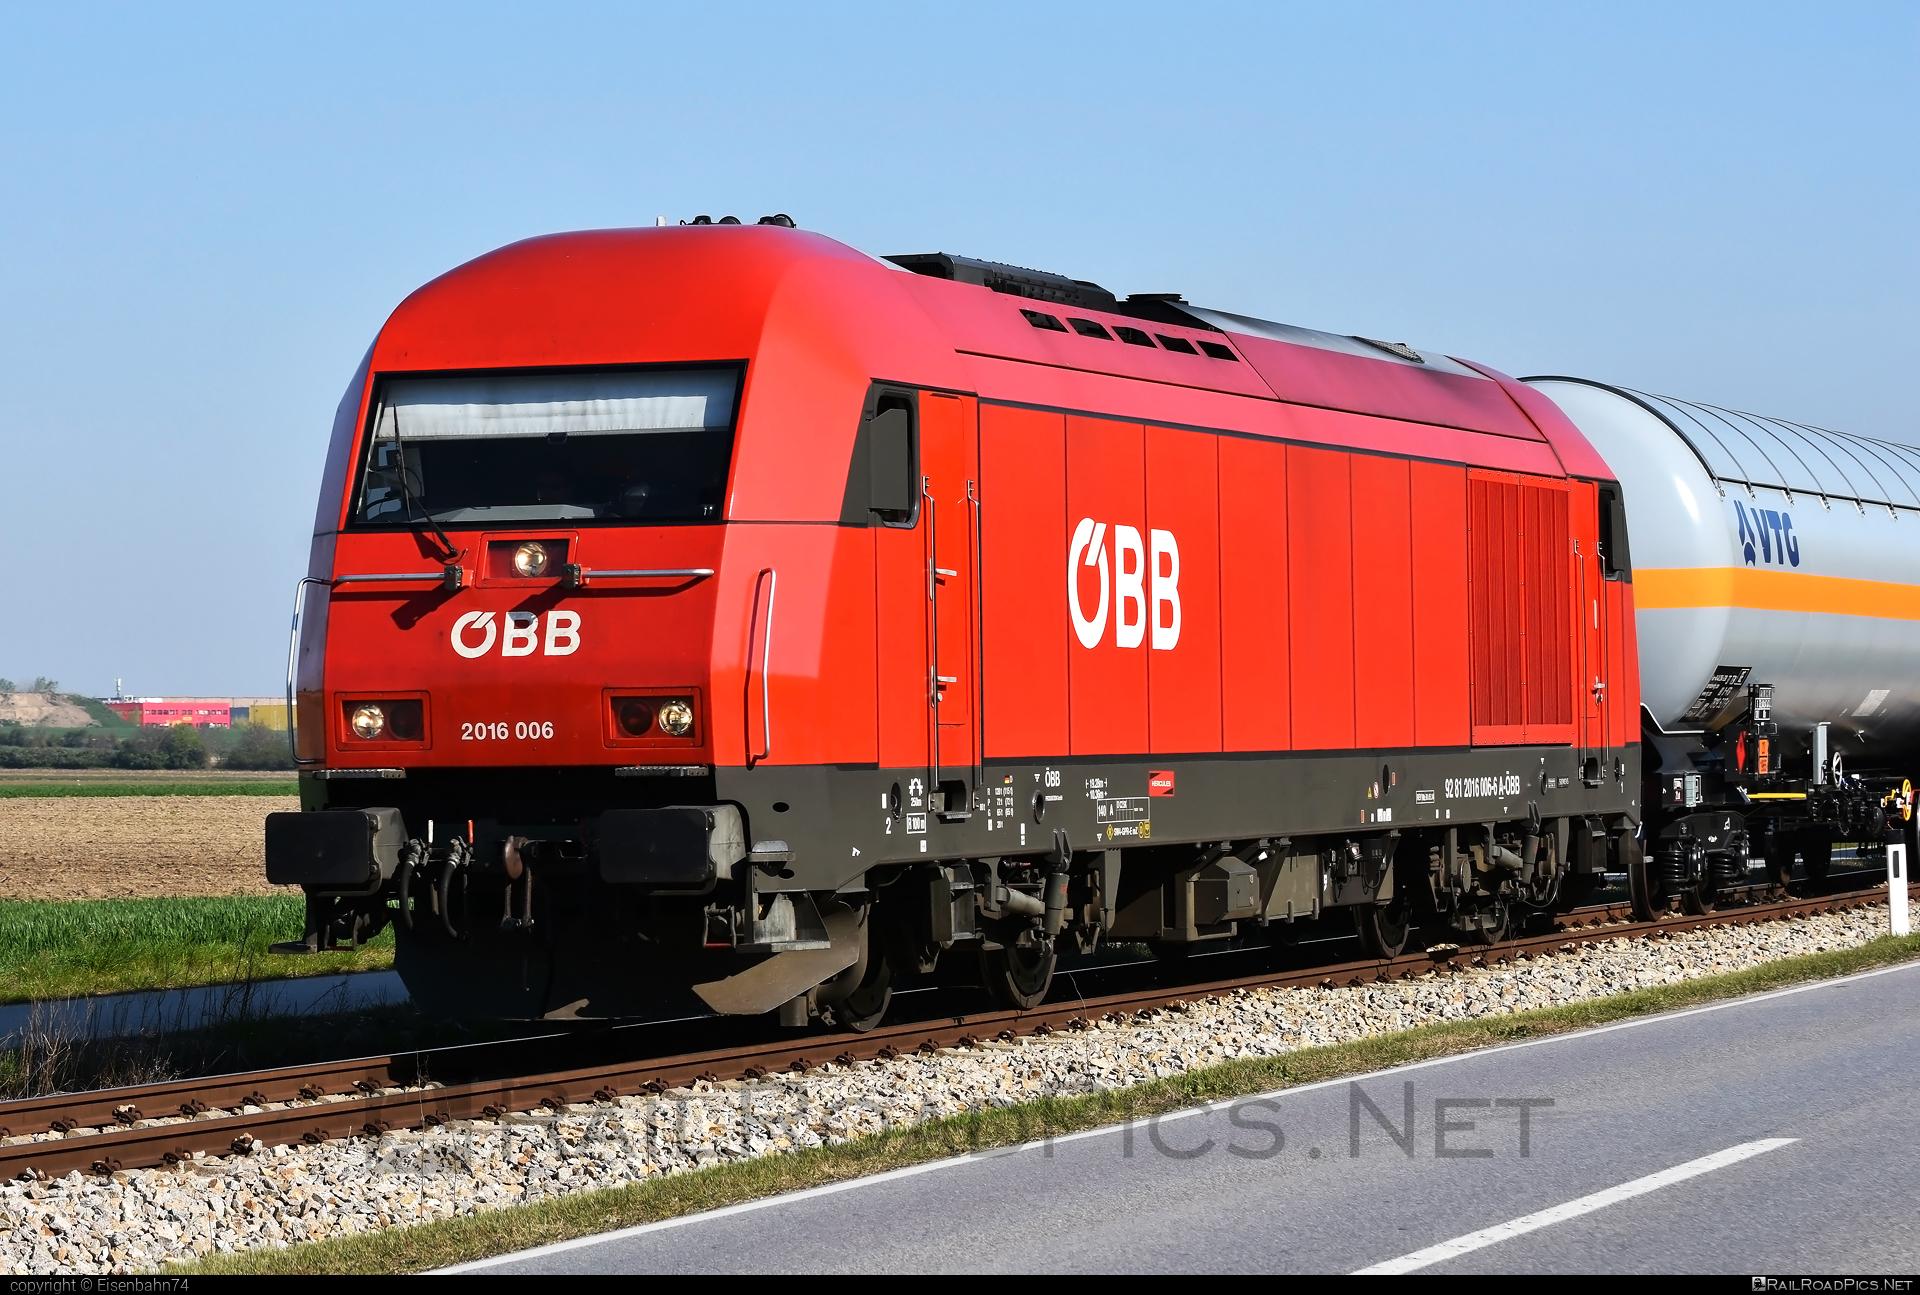 Siemens ER20 - 2016 006 operated by Österreichische Bundesbahnen #er20 #er20hercules #eurorunner #obb #osterreichischebundesbahnen #siemens #siemenser20 #siemenser20hercules #siemenseurorunner #siemenshercules